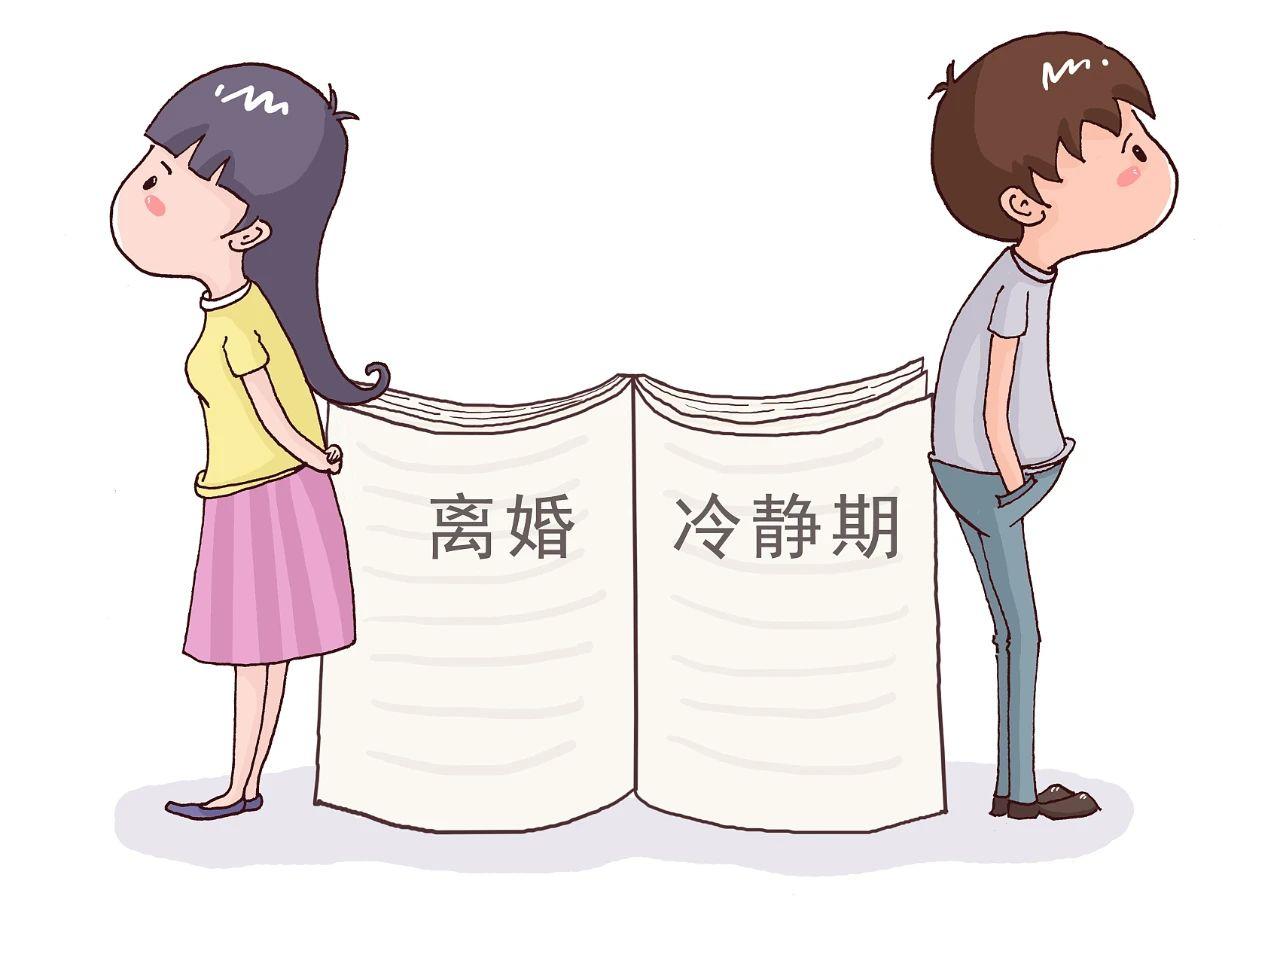 《中华人民共和国民法典》将于2021年1月1日起实施,婚姻登记程序,要调整了